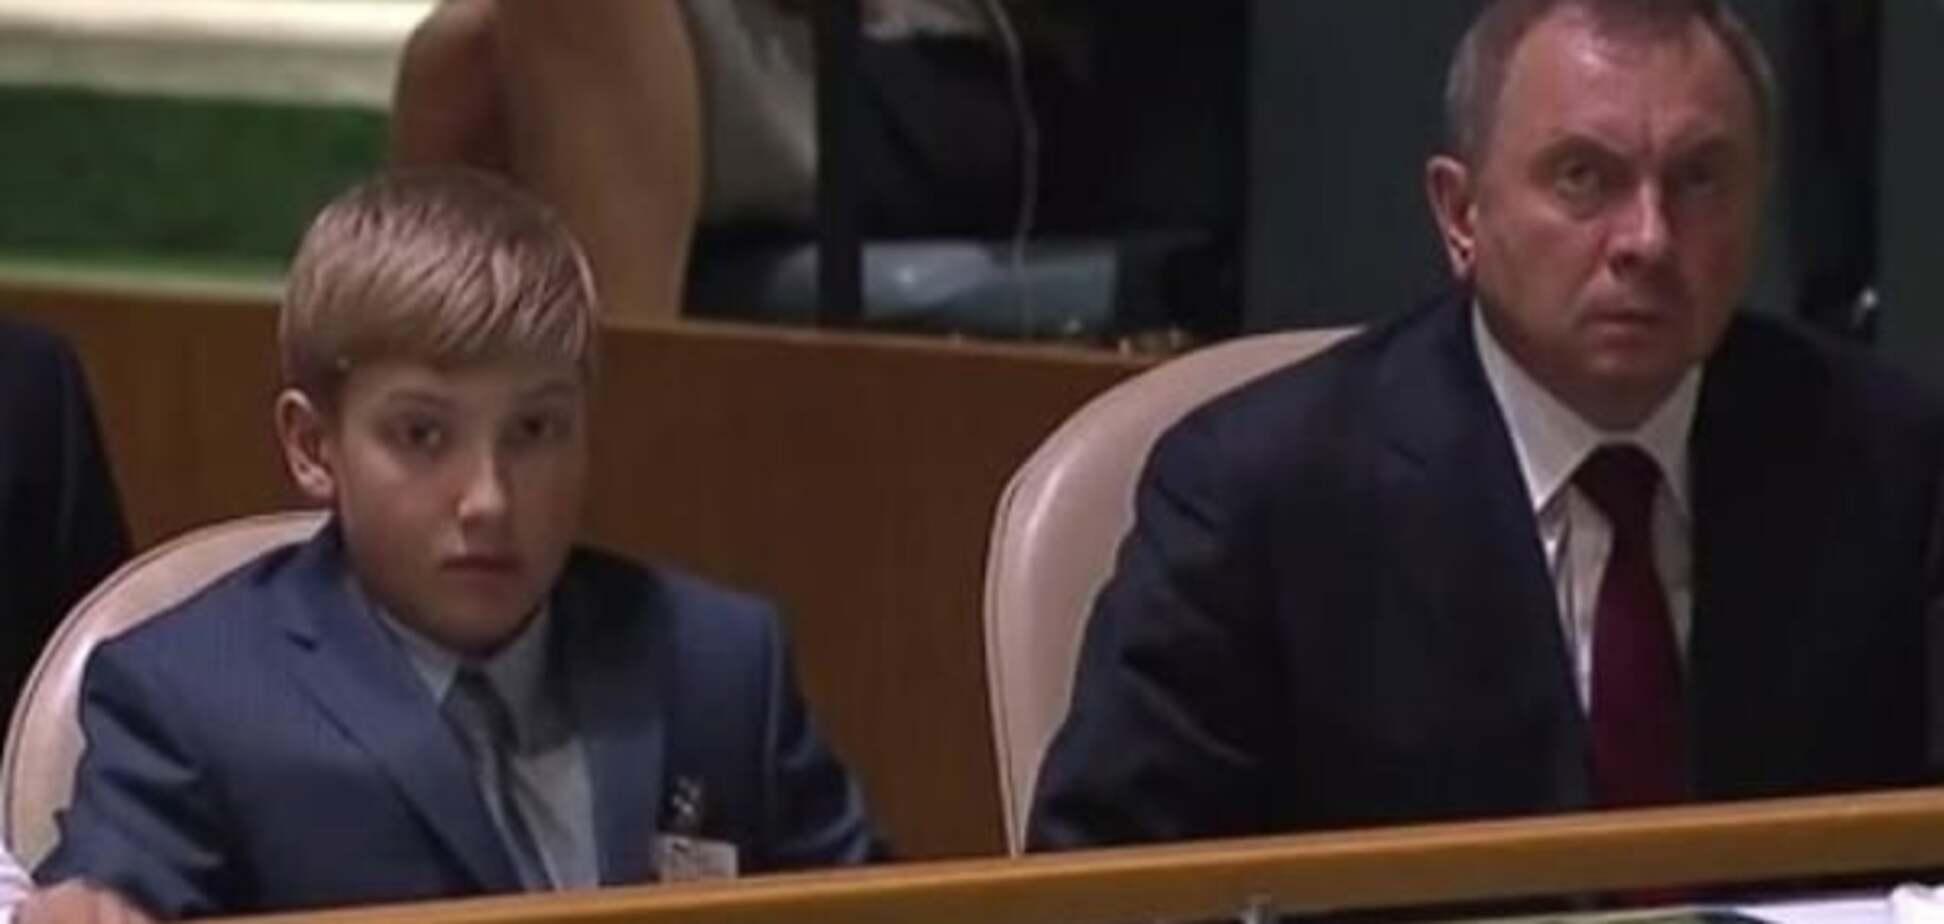 Юный дипломат? Лукашенко привел на Генассамблею ООН своего малолетнего сына: фото- и видеофакт